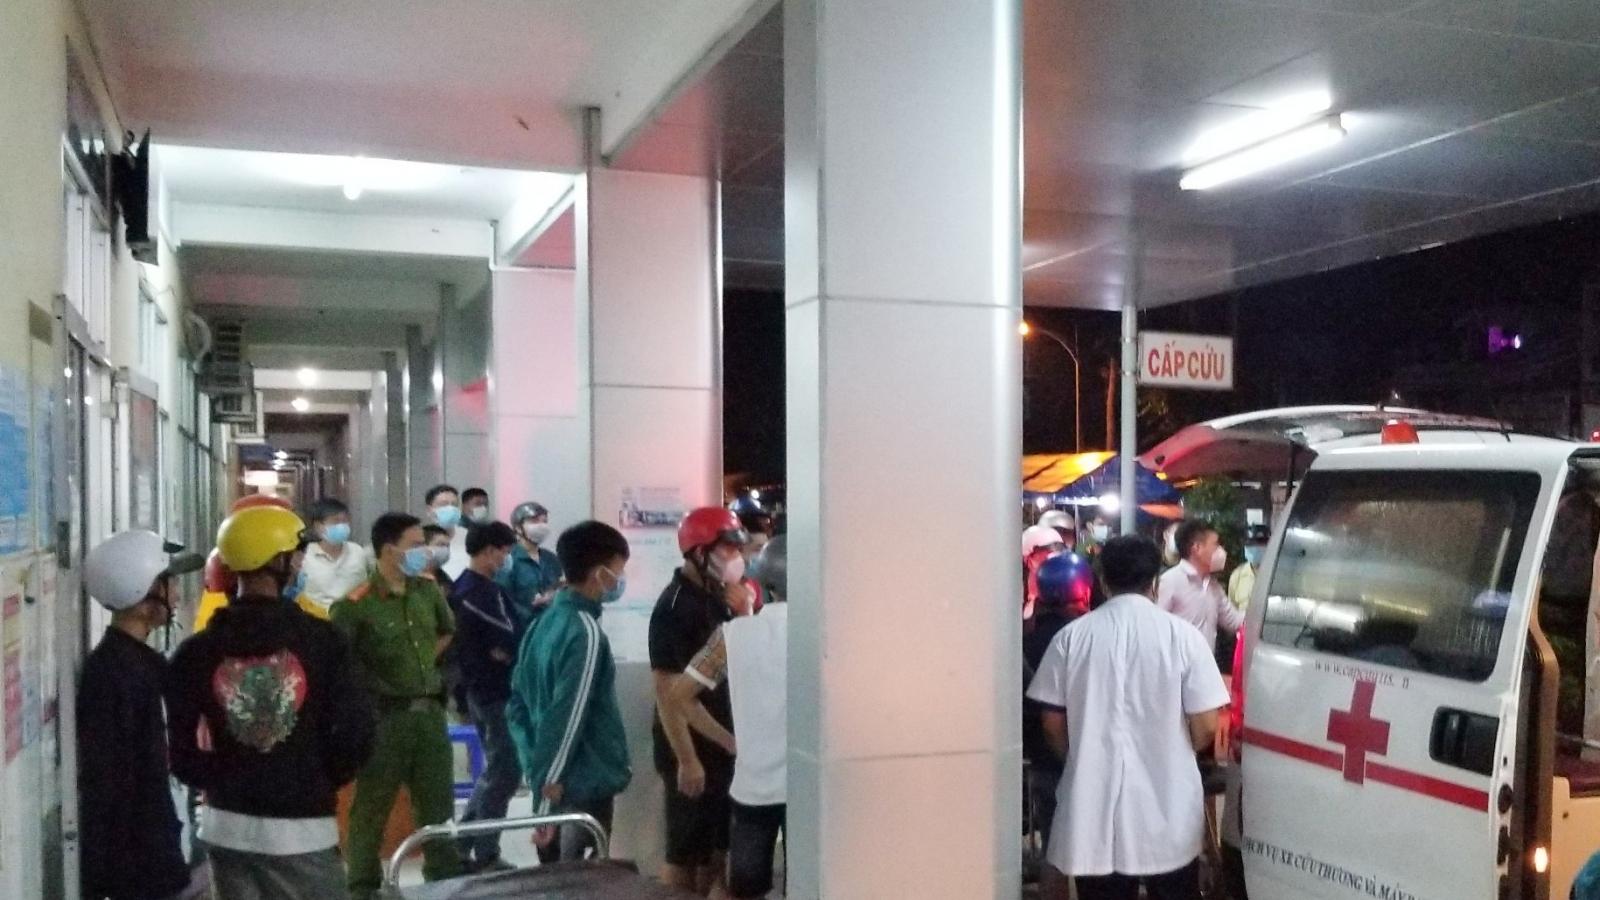 Nam thanh niên cầm hung khí xông vàobệnh viện truy sát tại Đồng Tháp